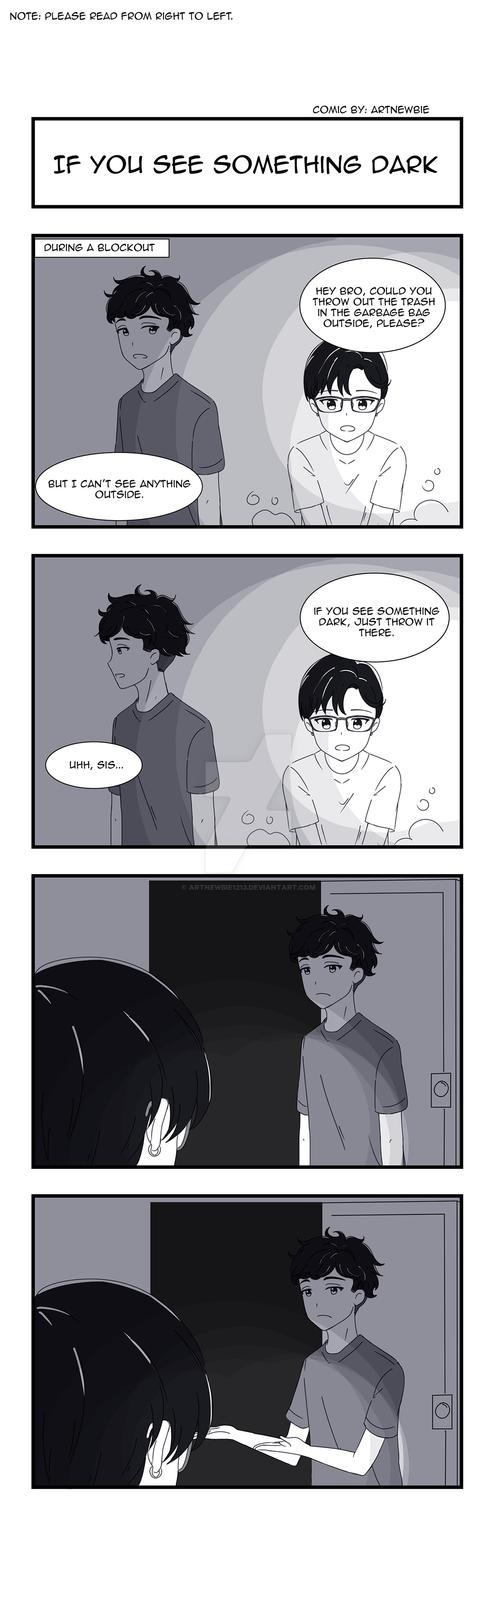 Sibling Conversations: 'If You See Something Dark' by ArtNewbie1213